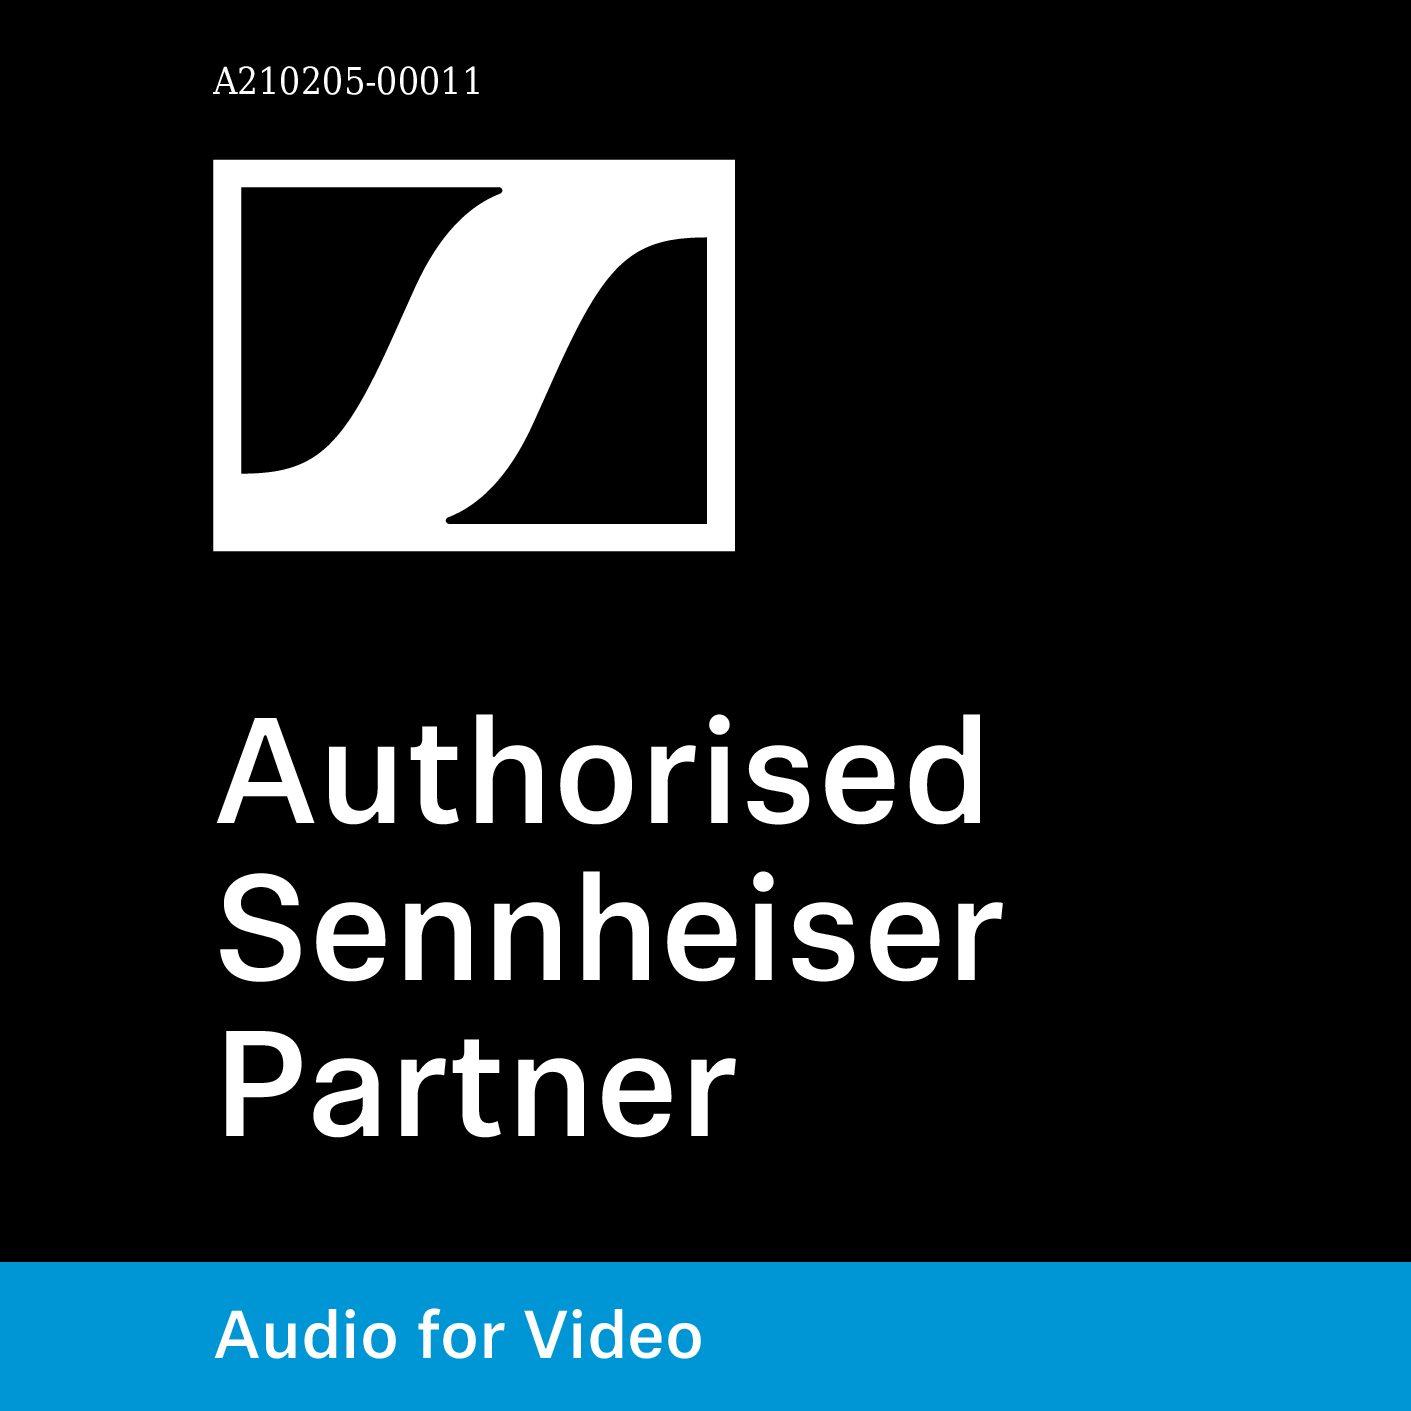 Sennheiser audio for video